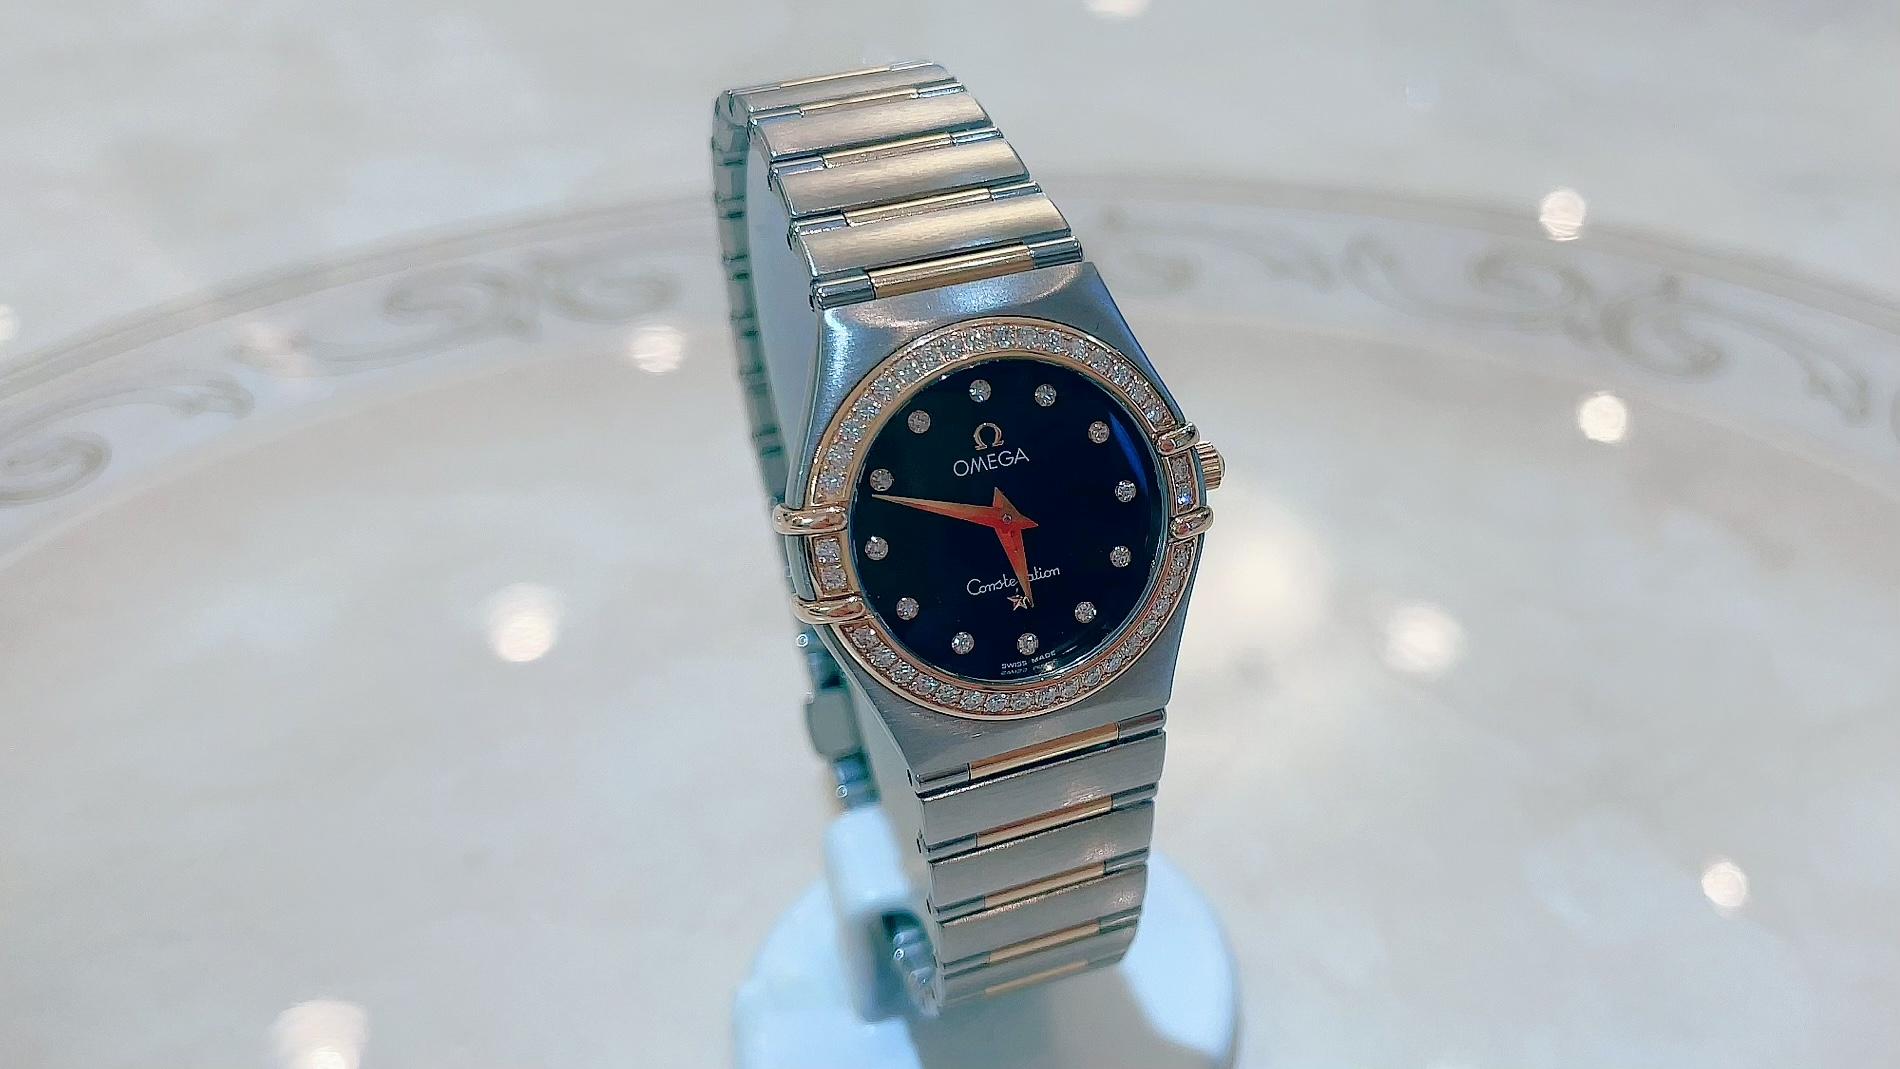 【買取速報】ダイヤモンド、腕時計、K18YG、ステンレス、OMEGA-2021-07-22